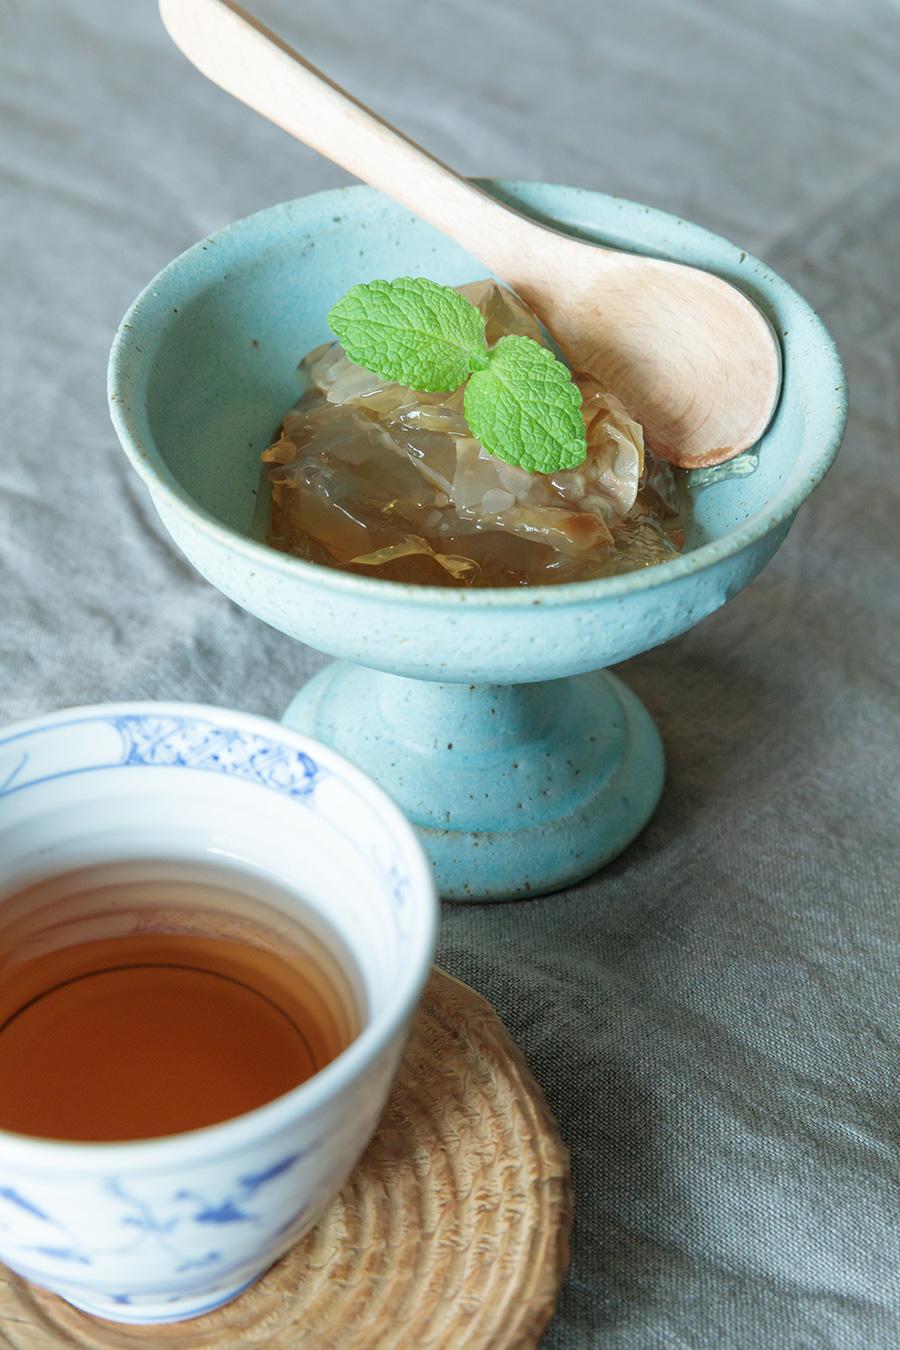 香りのよい薔薇のゼリーと中国茶を出していただいた。暮らしを大切にしているMさんのおもてなしに感激。